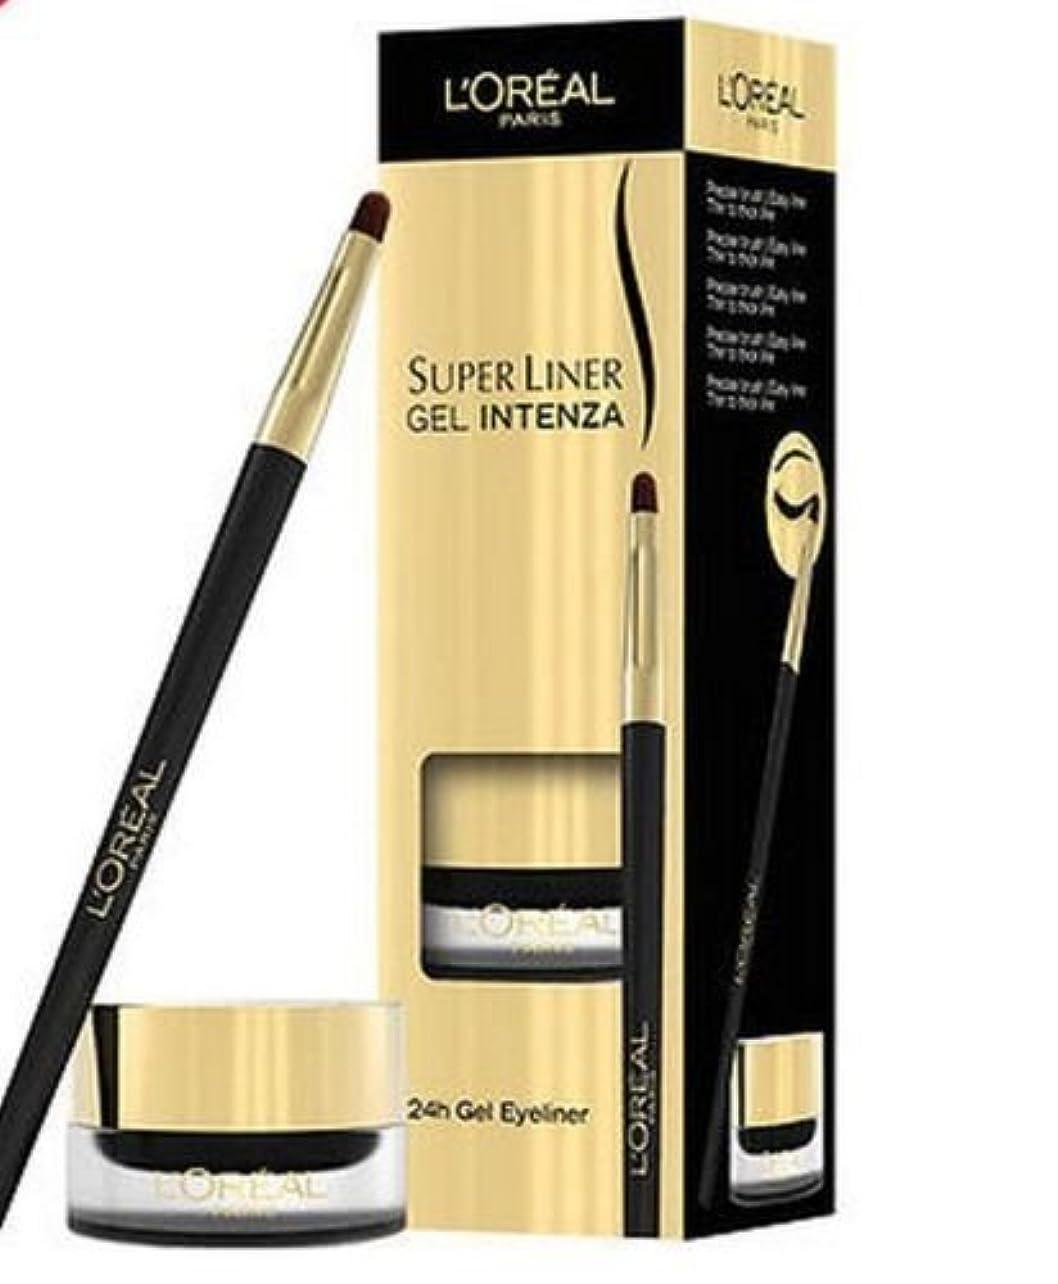 ご予約検出器ハックLoreal Super Liner Gel 24hr Intenza Eyeliner Pure Black 01